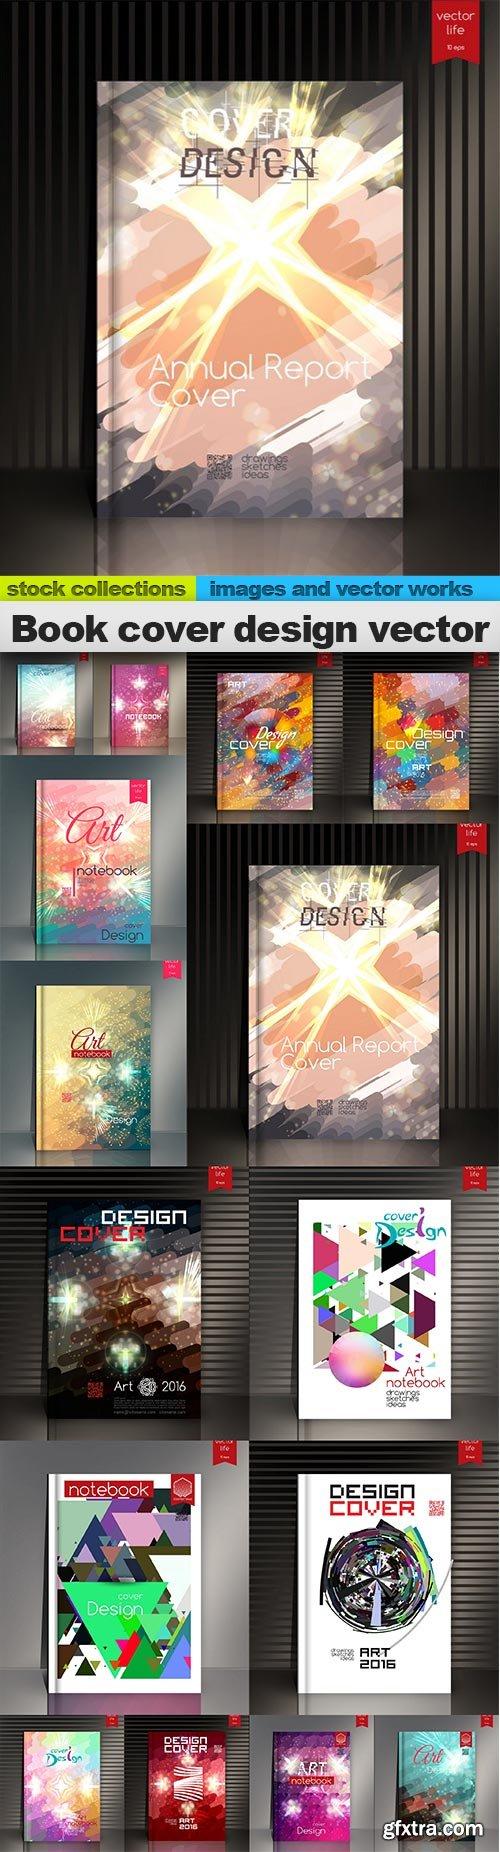 Book cover design vector, 15 x EPS